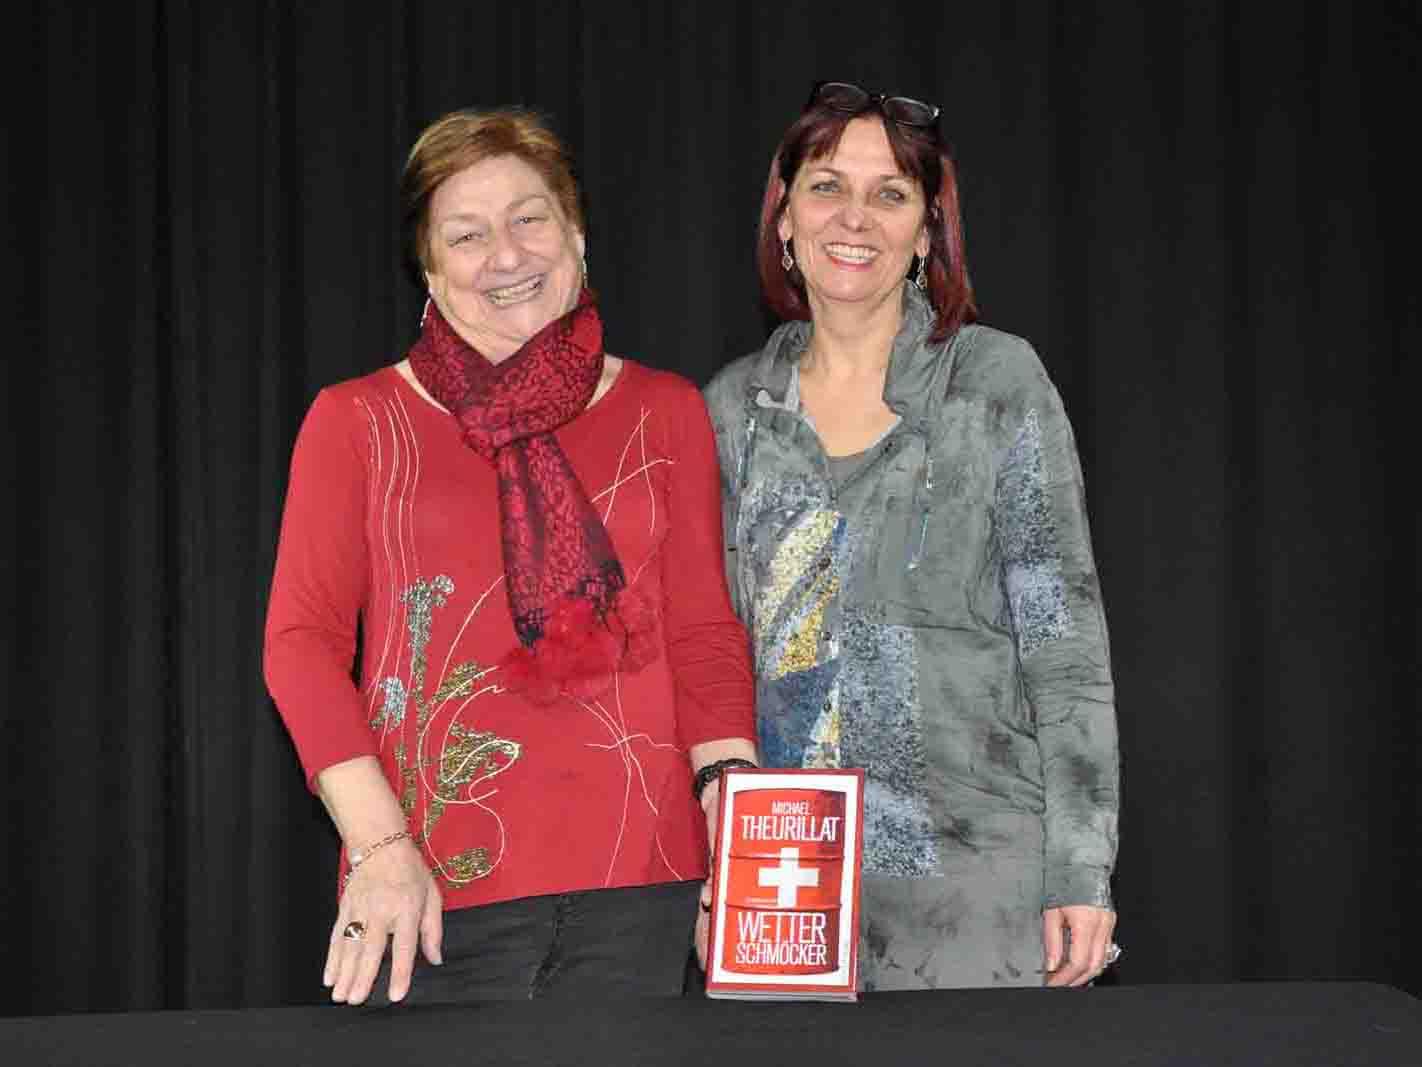 Brigitte Strähle und Iris Schmidt sprangen für den abwesenden Autor in die Bresche.